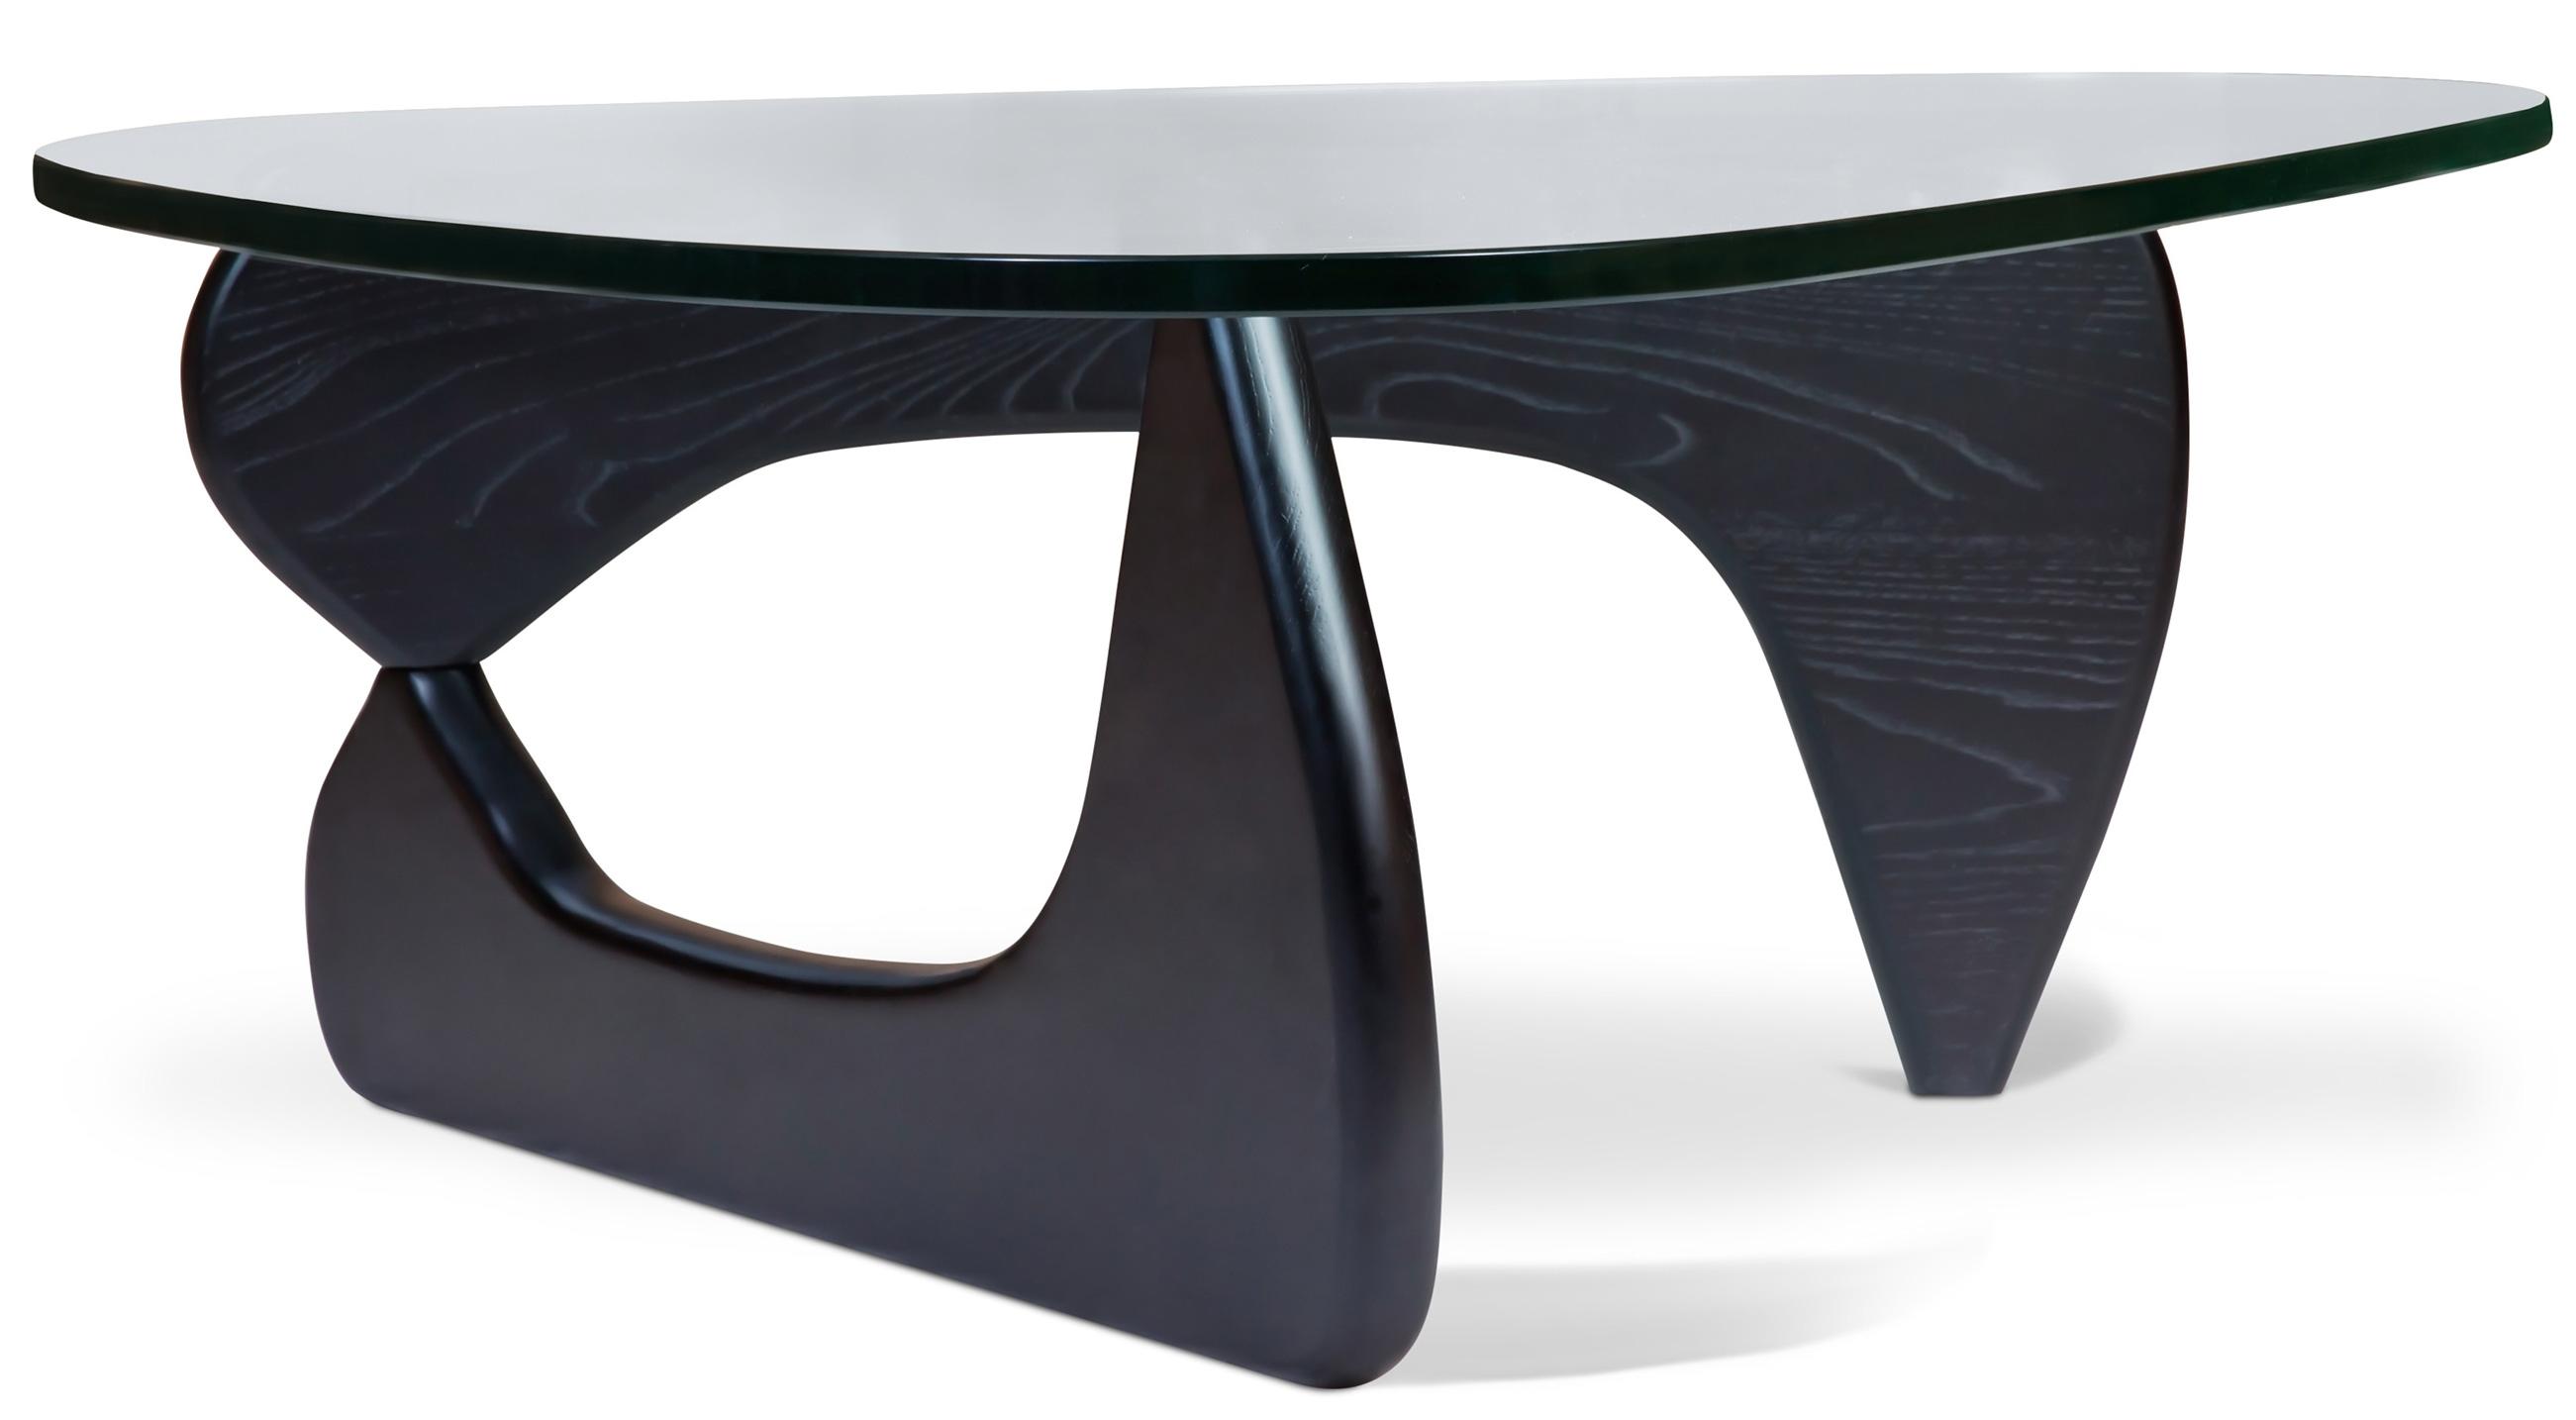 Table Basse Bois De Frêne Noir Et Verre Aqua Lestendancesfr